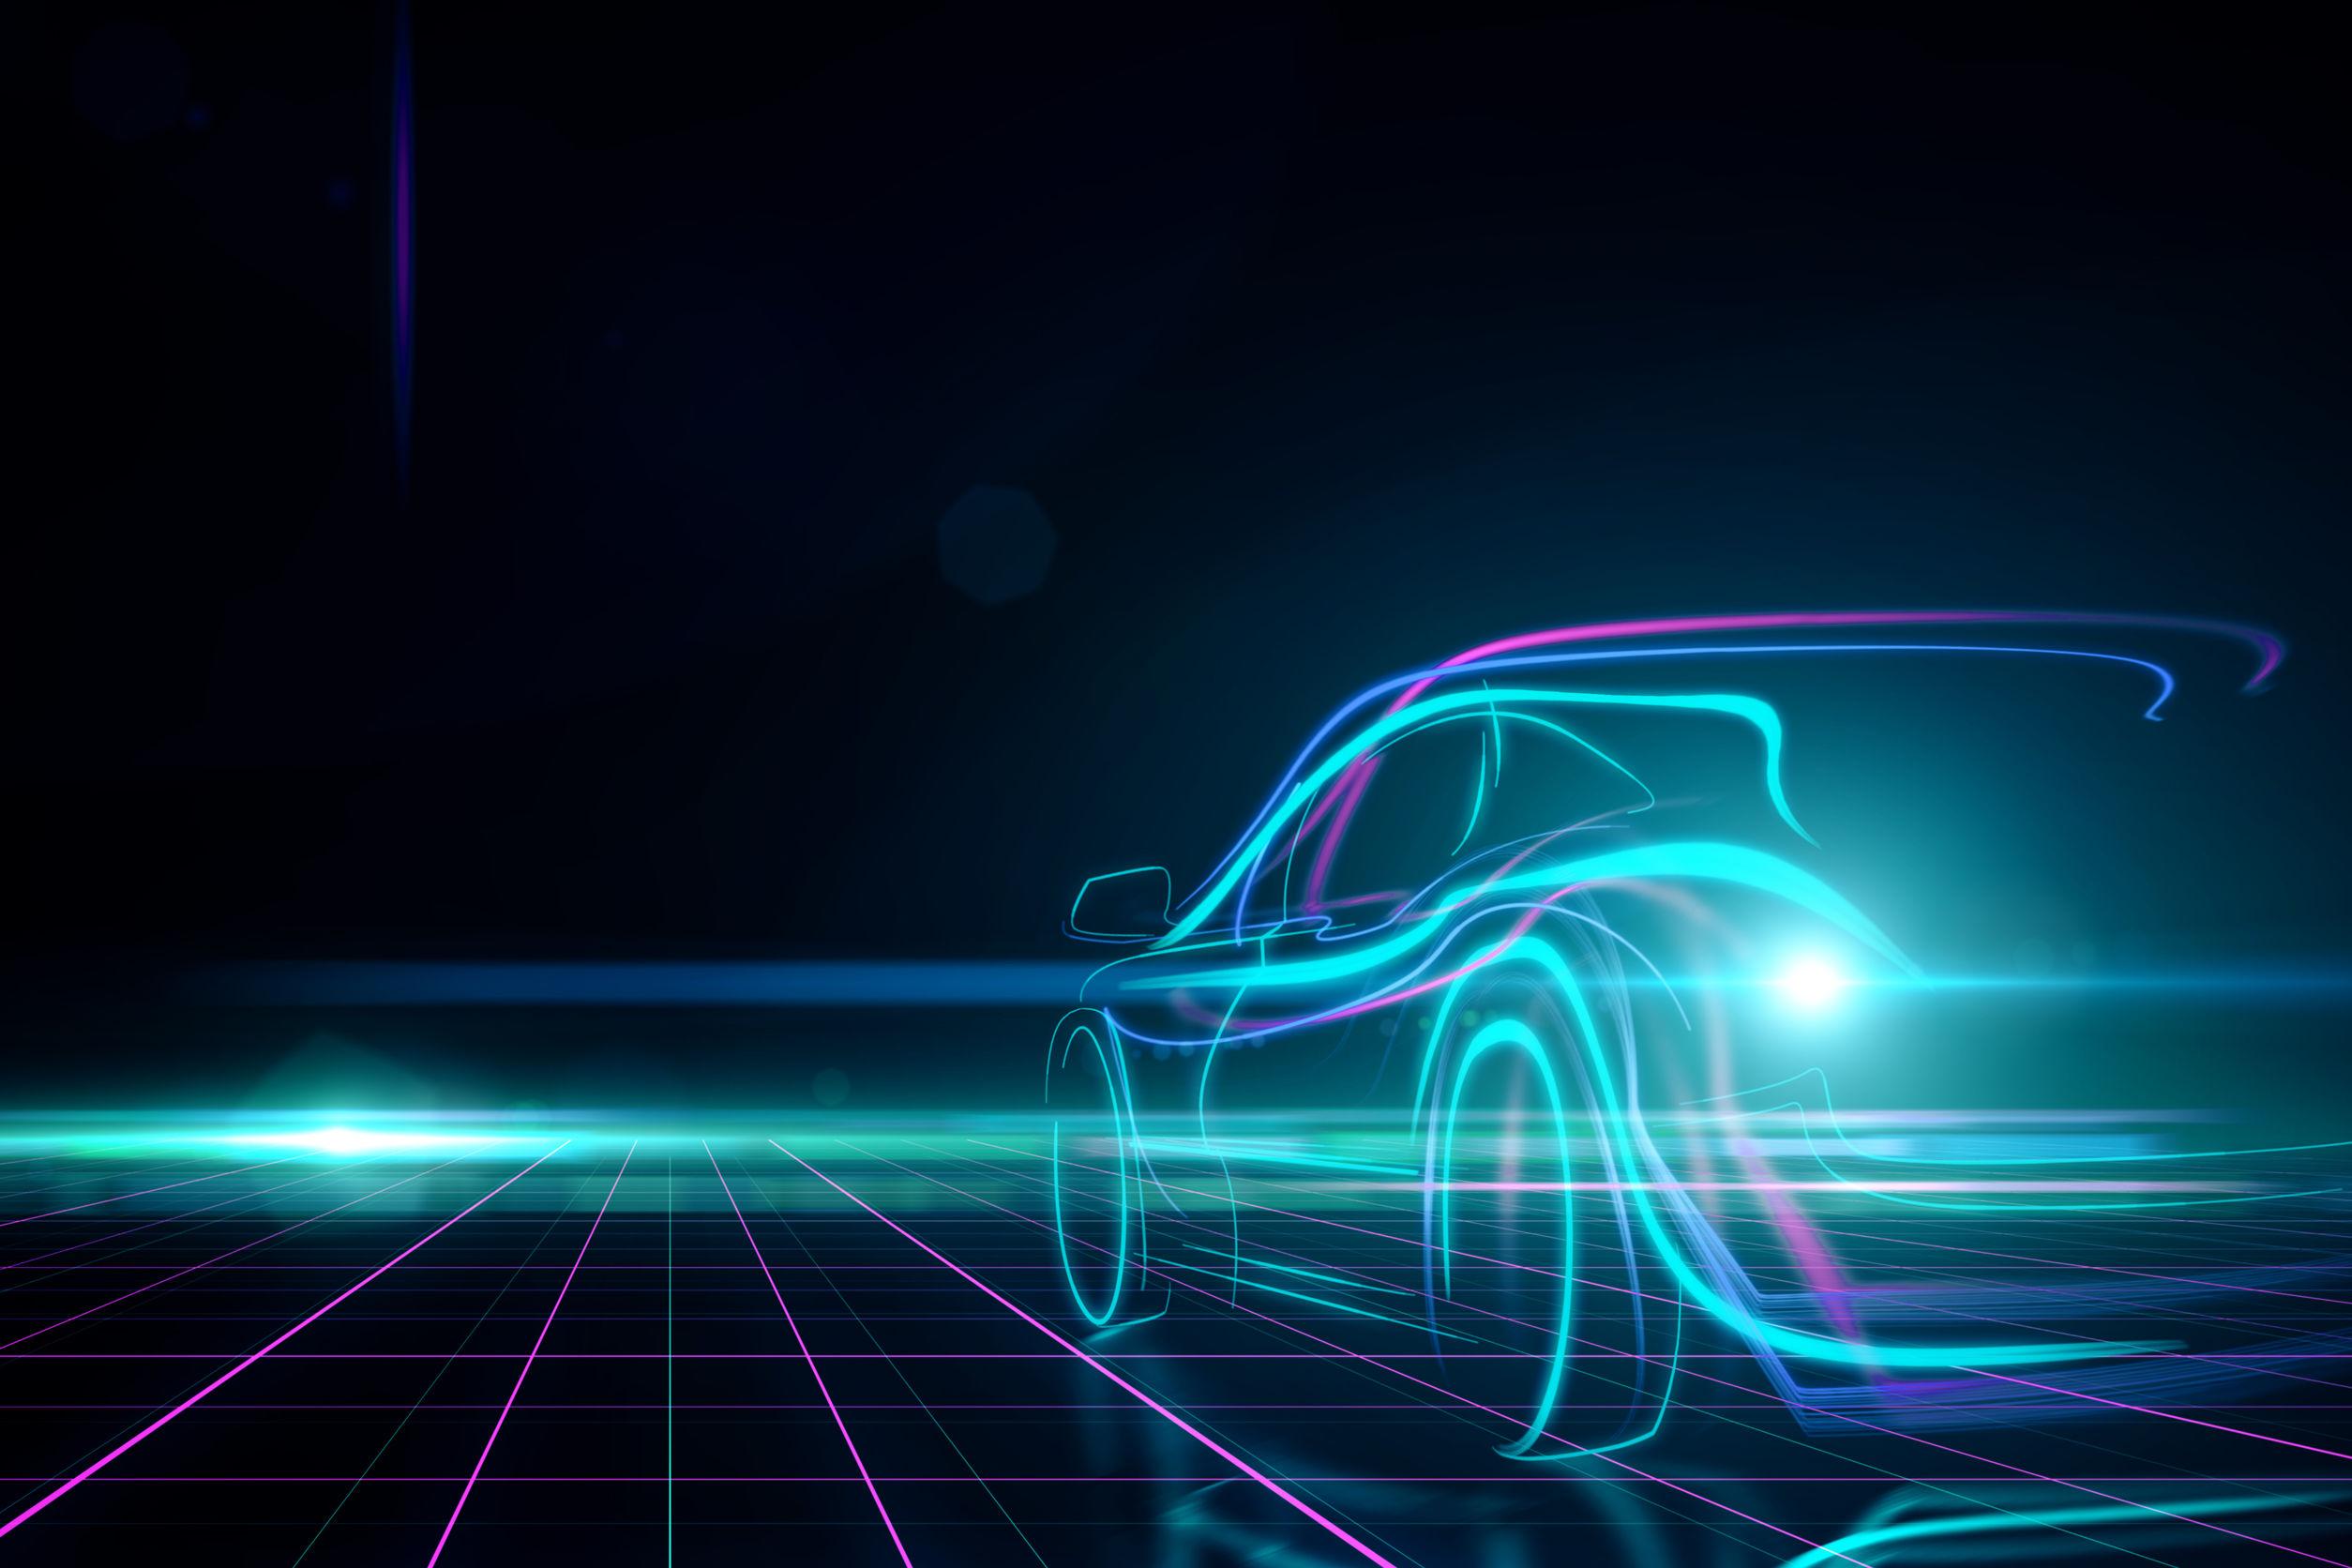 AI și Hybrid Cloud folosite pentru următorul capitol al transformării digitale în industria auto